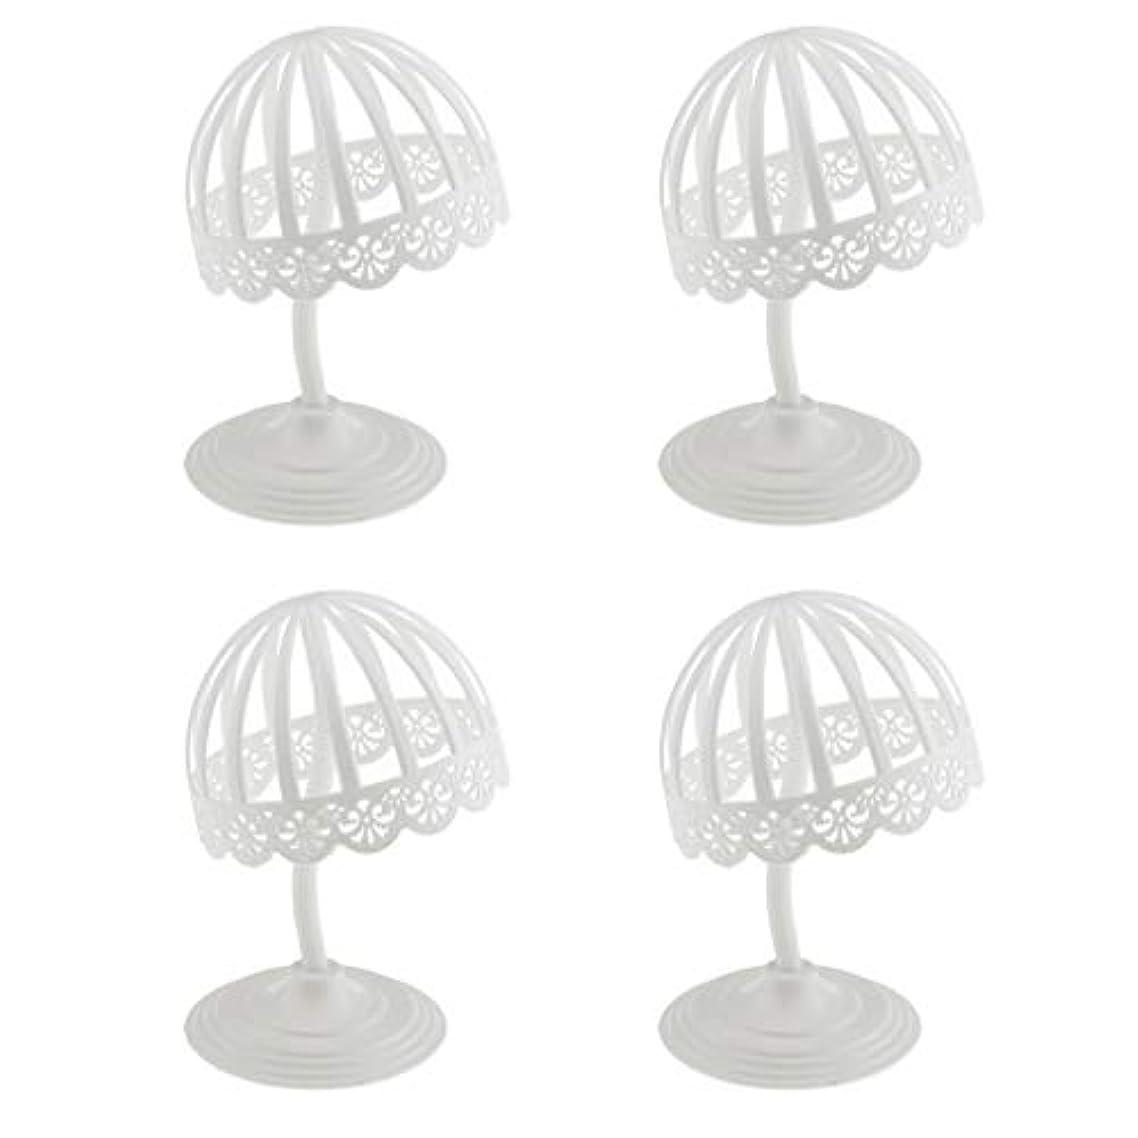 違うストレスの多い柔和Perfeclan 4個セット ウィッグ スタンド 帽子 収納 ディスプレイ ホルダー プラスチック製 ホワイト